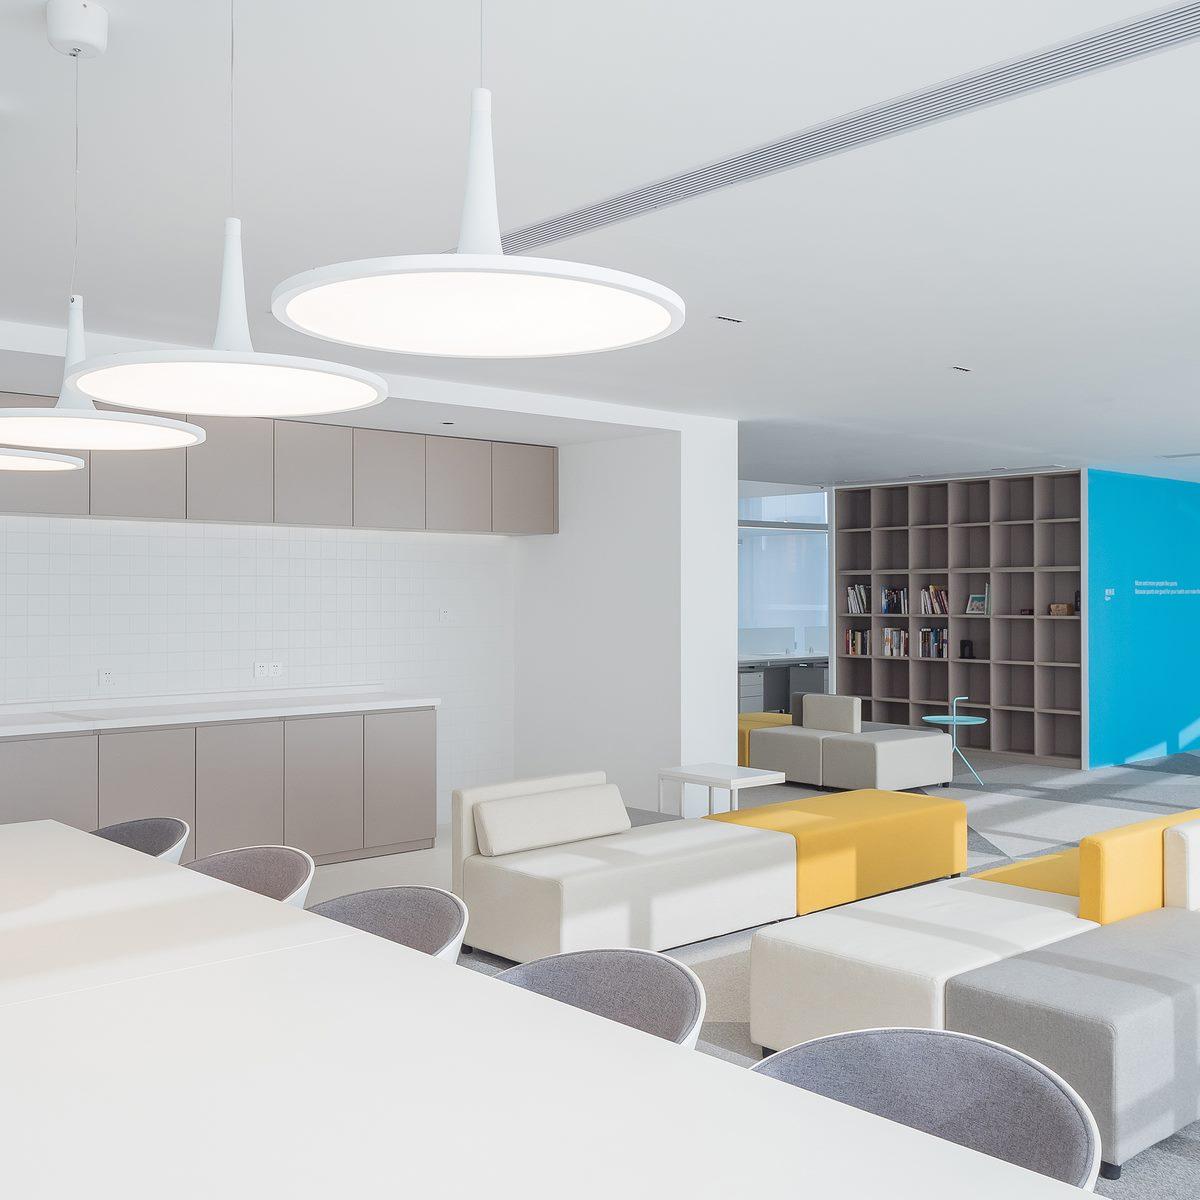 Oficina en el futuro: Sede de ViaBTC 26